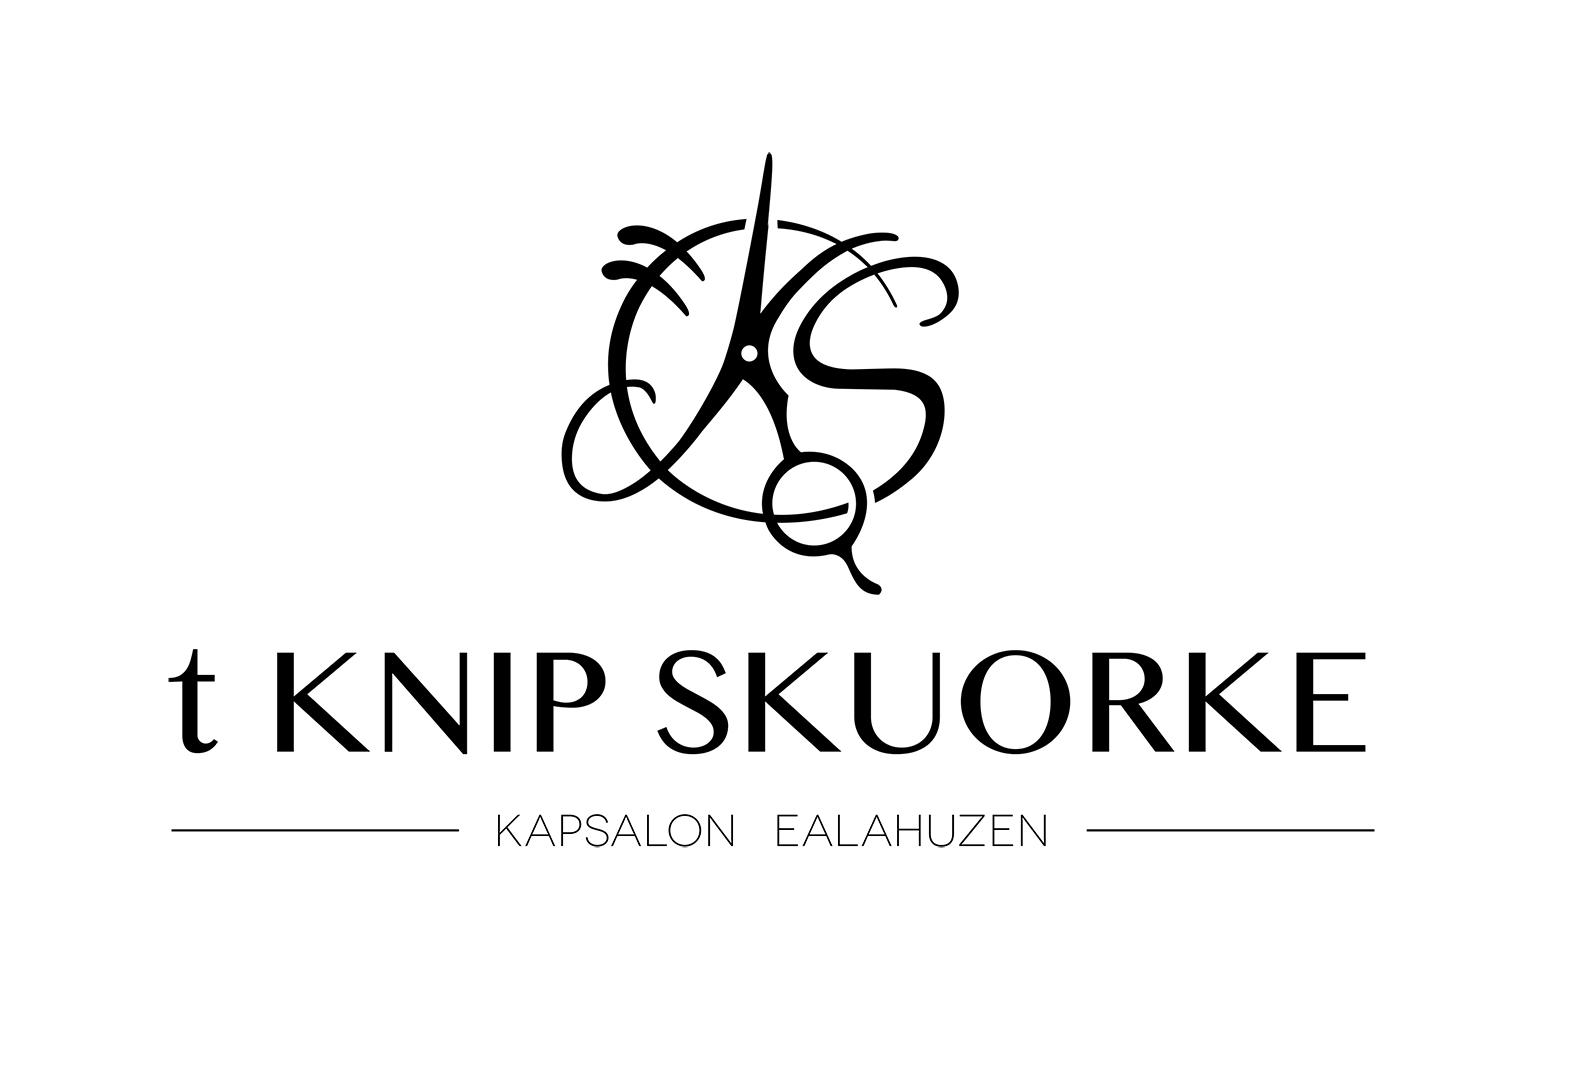 Knipskuorke_logo_zw